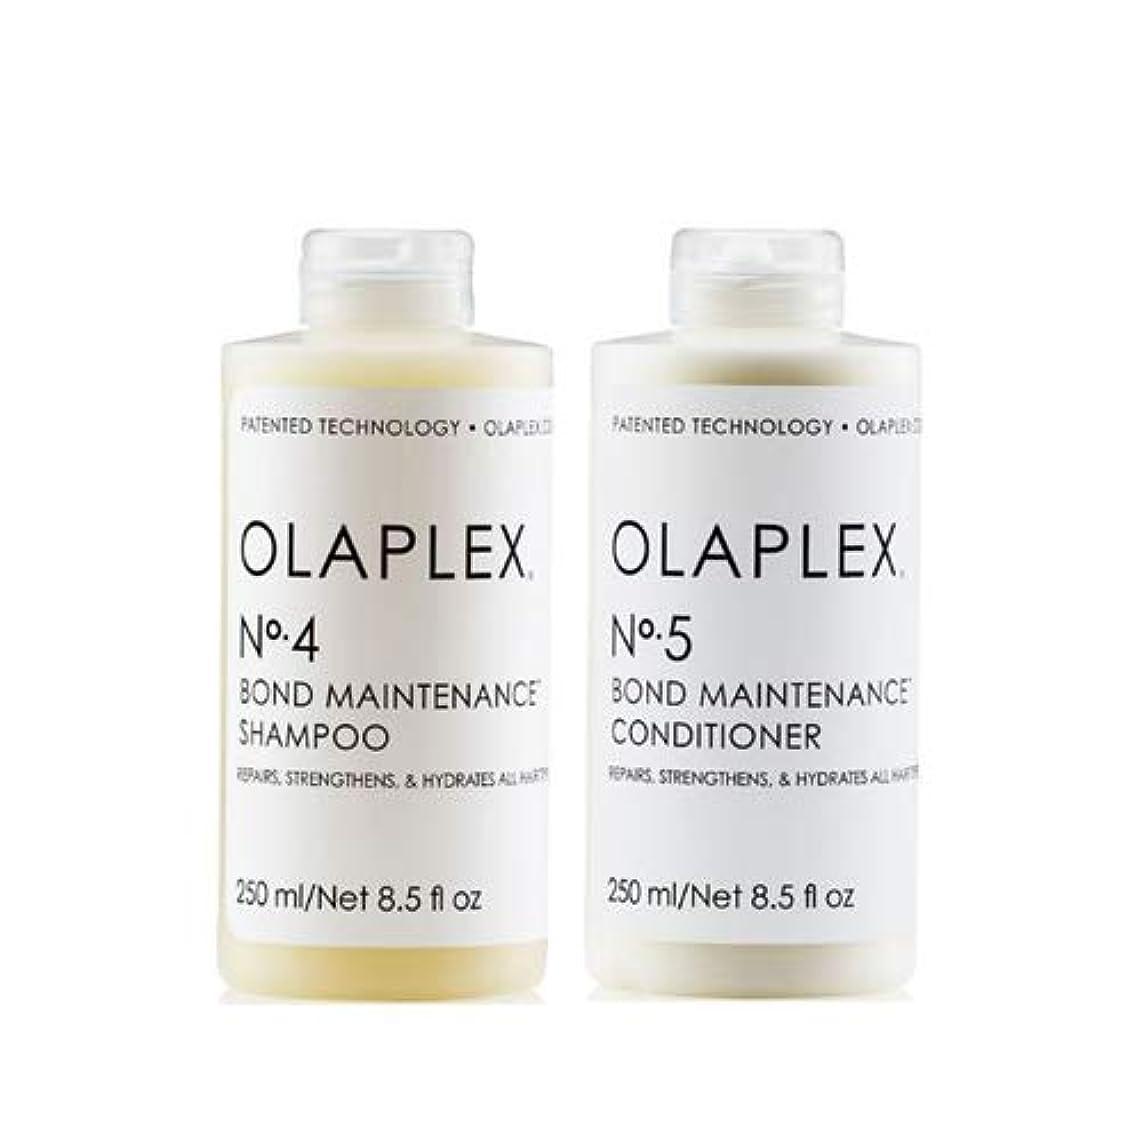 リレー準備錫Olaplex オラプレックス No. 4 5 ボンド メンテナンス シャンプー&コンディショナー Olaplex Bond Maintenance Shampoo & Conditioner 【並行輸入品】